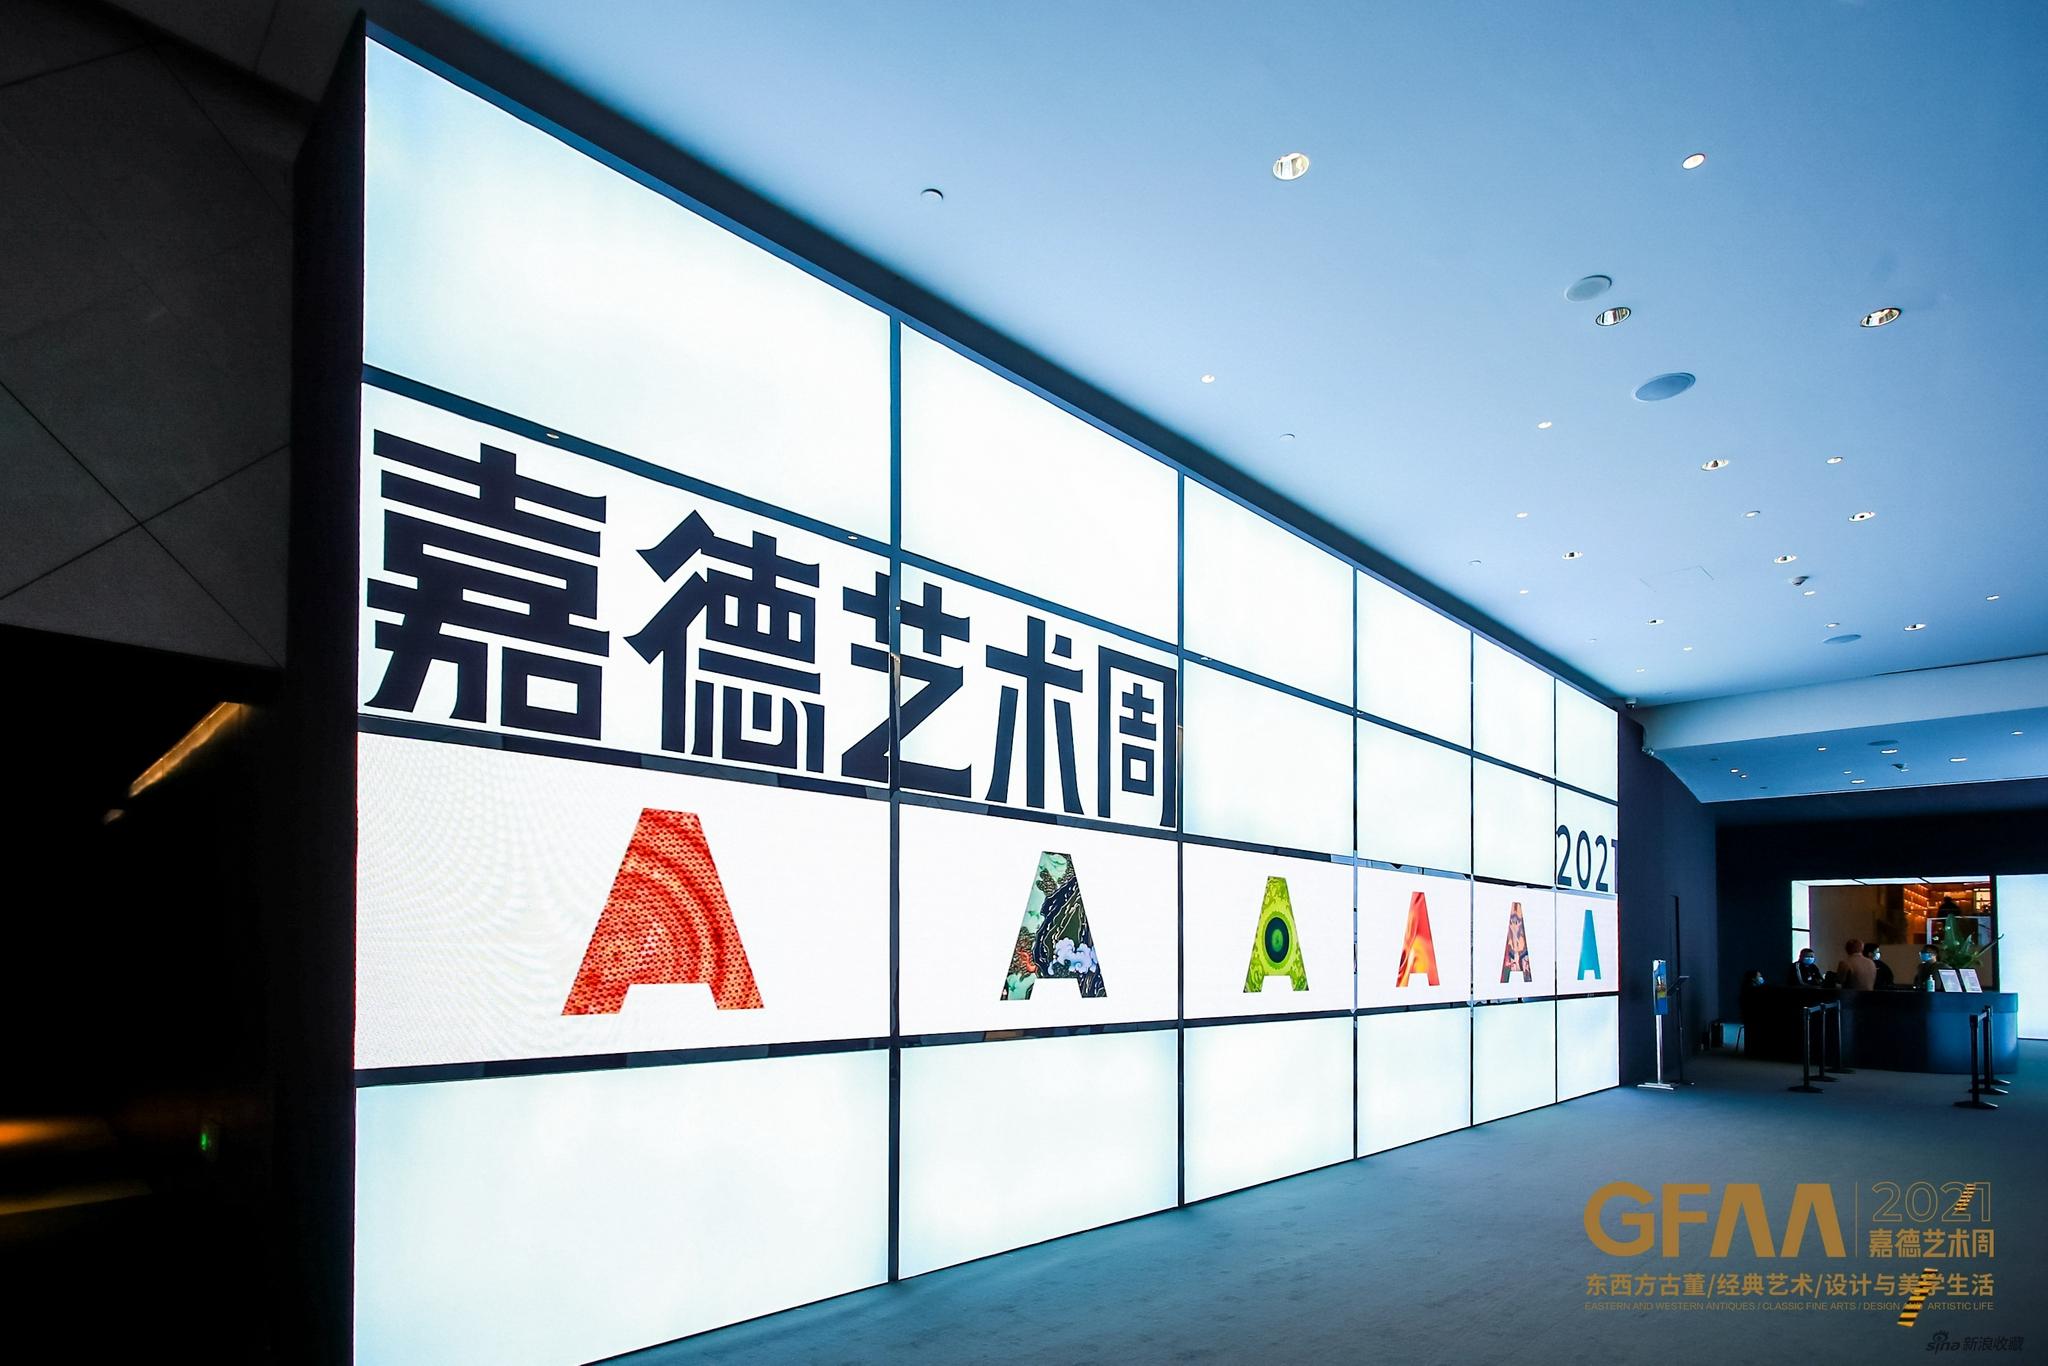 GFAA2021|薈萃東西方藝術 引領生活美學 設計風尚